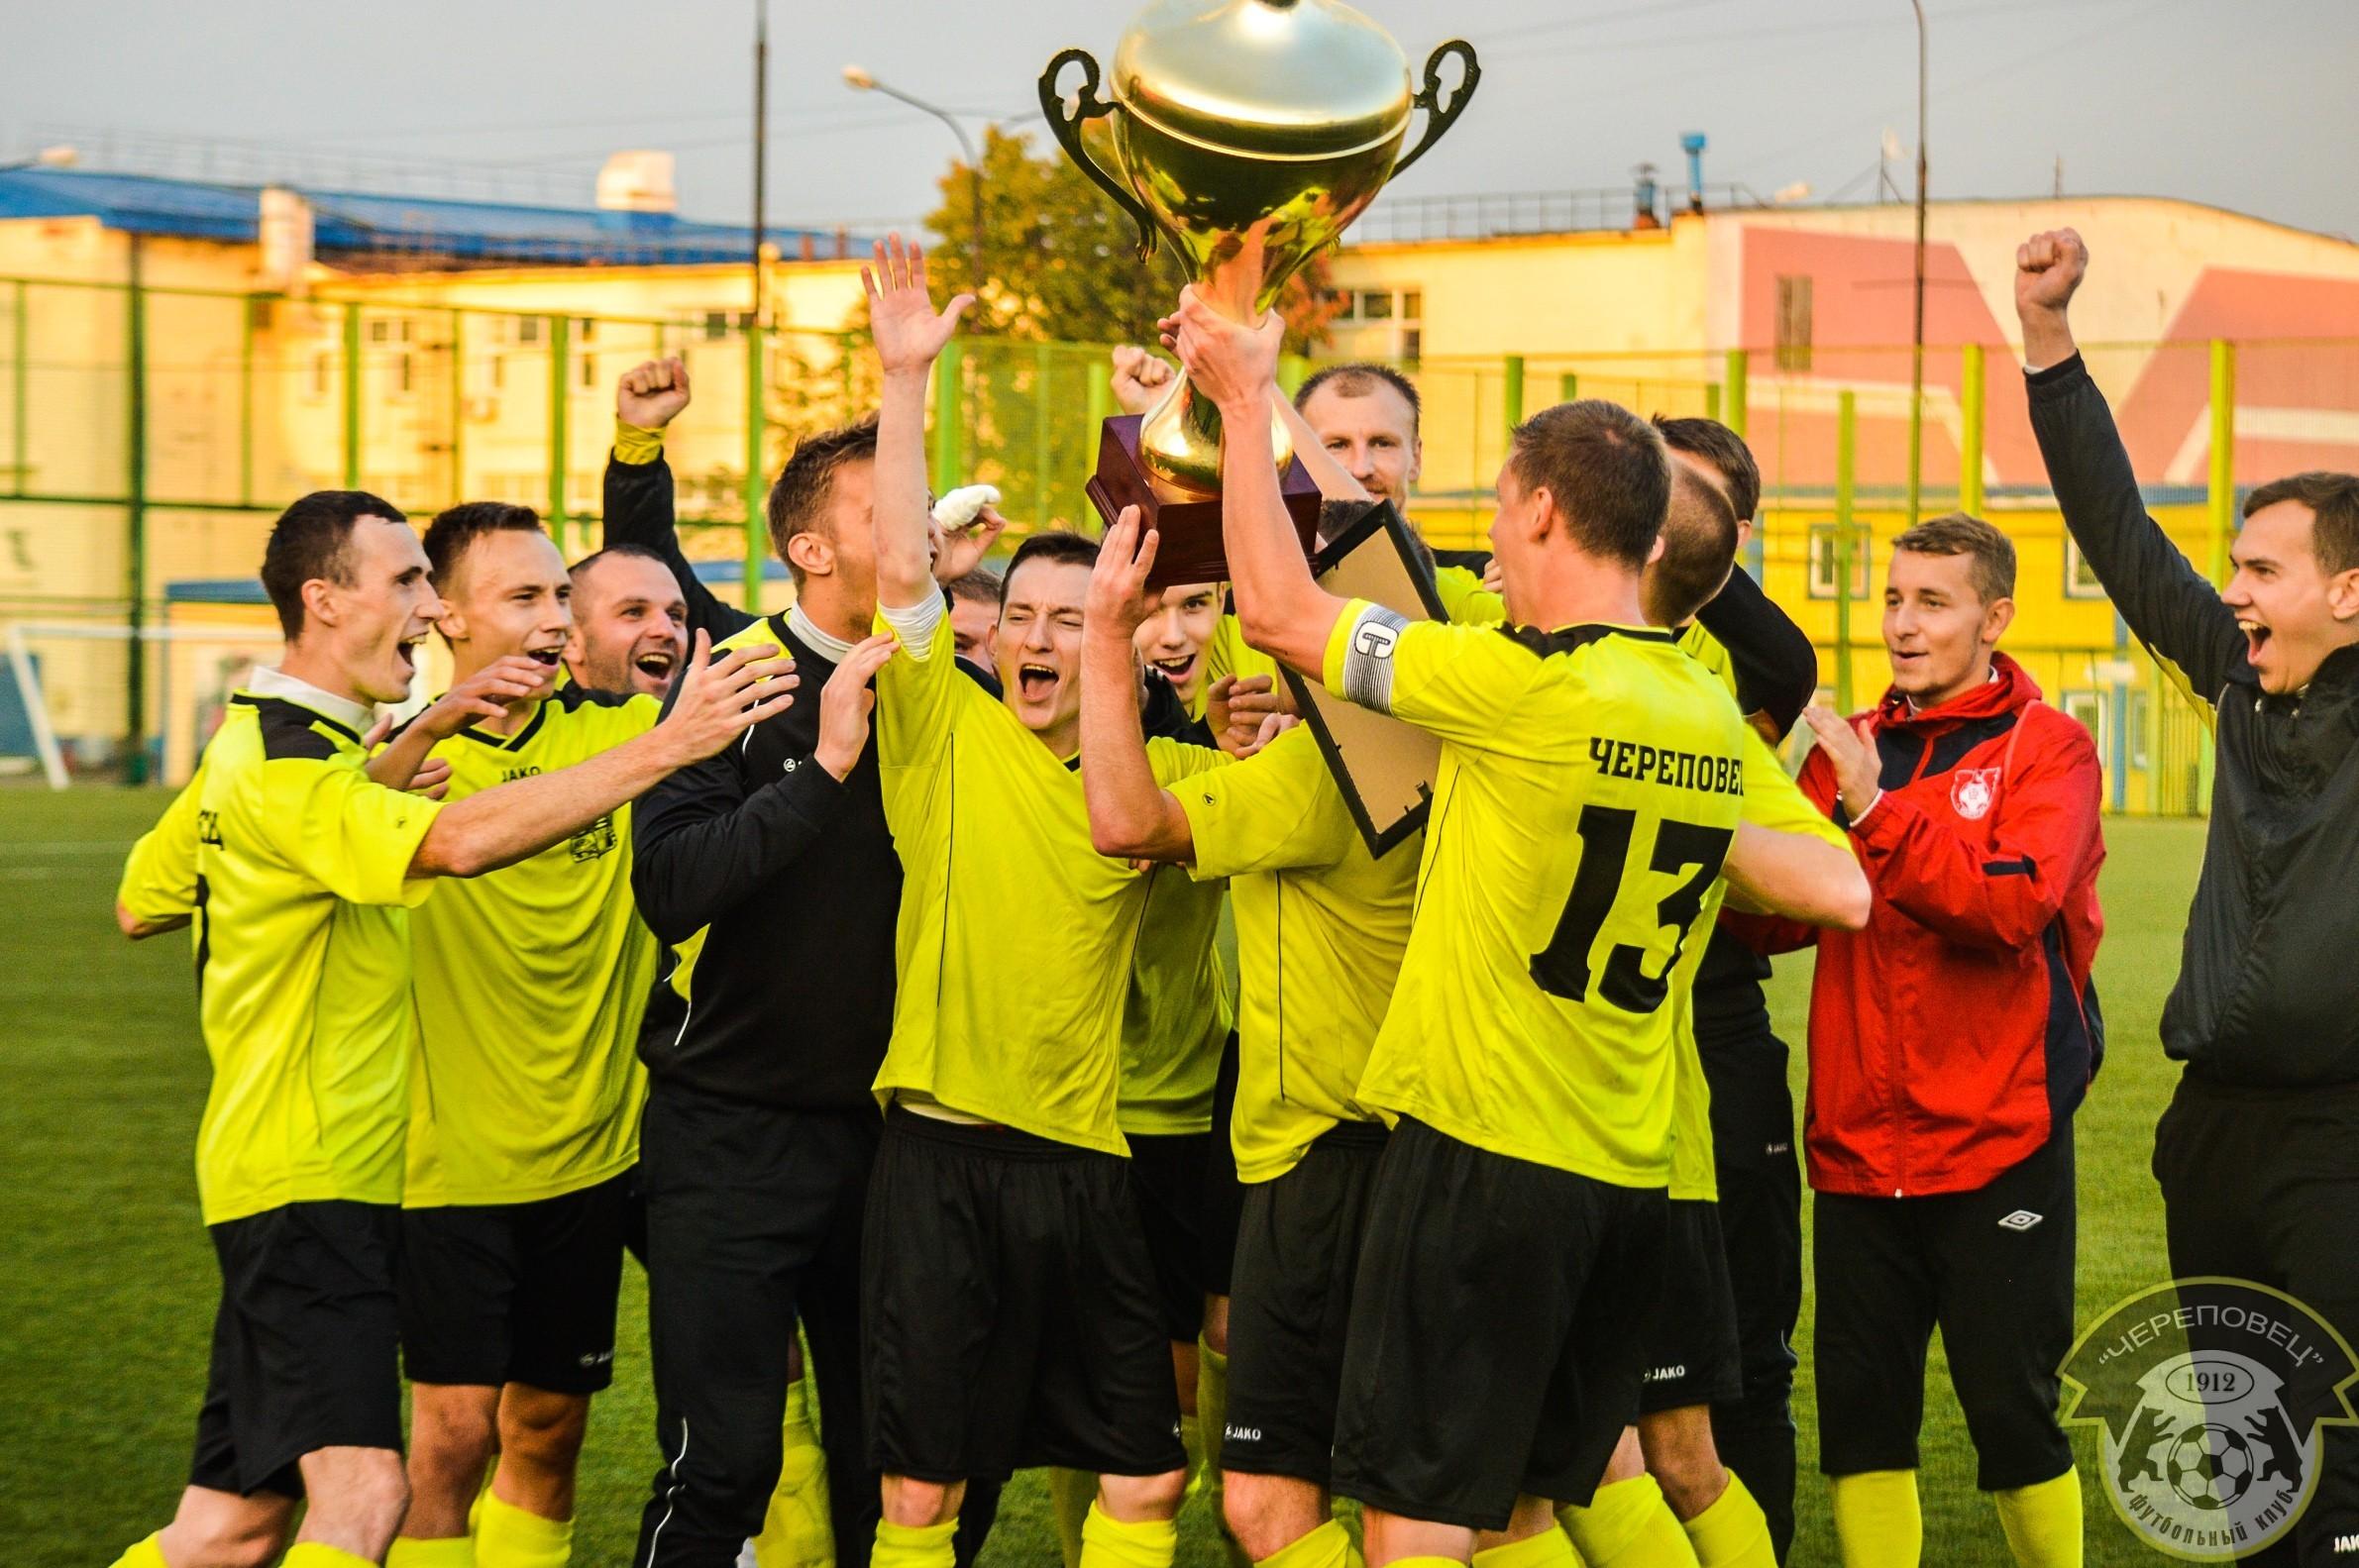 Футбольный клуб «Череповец» завоевал бронзу на предсезонном турнире в Великом Новгороде